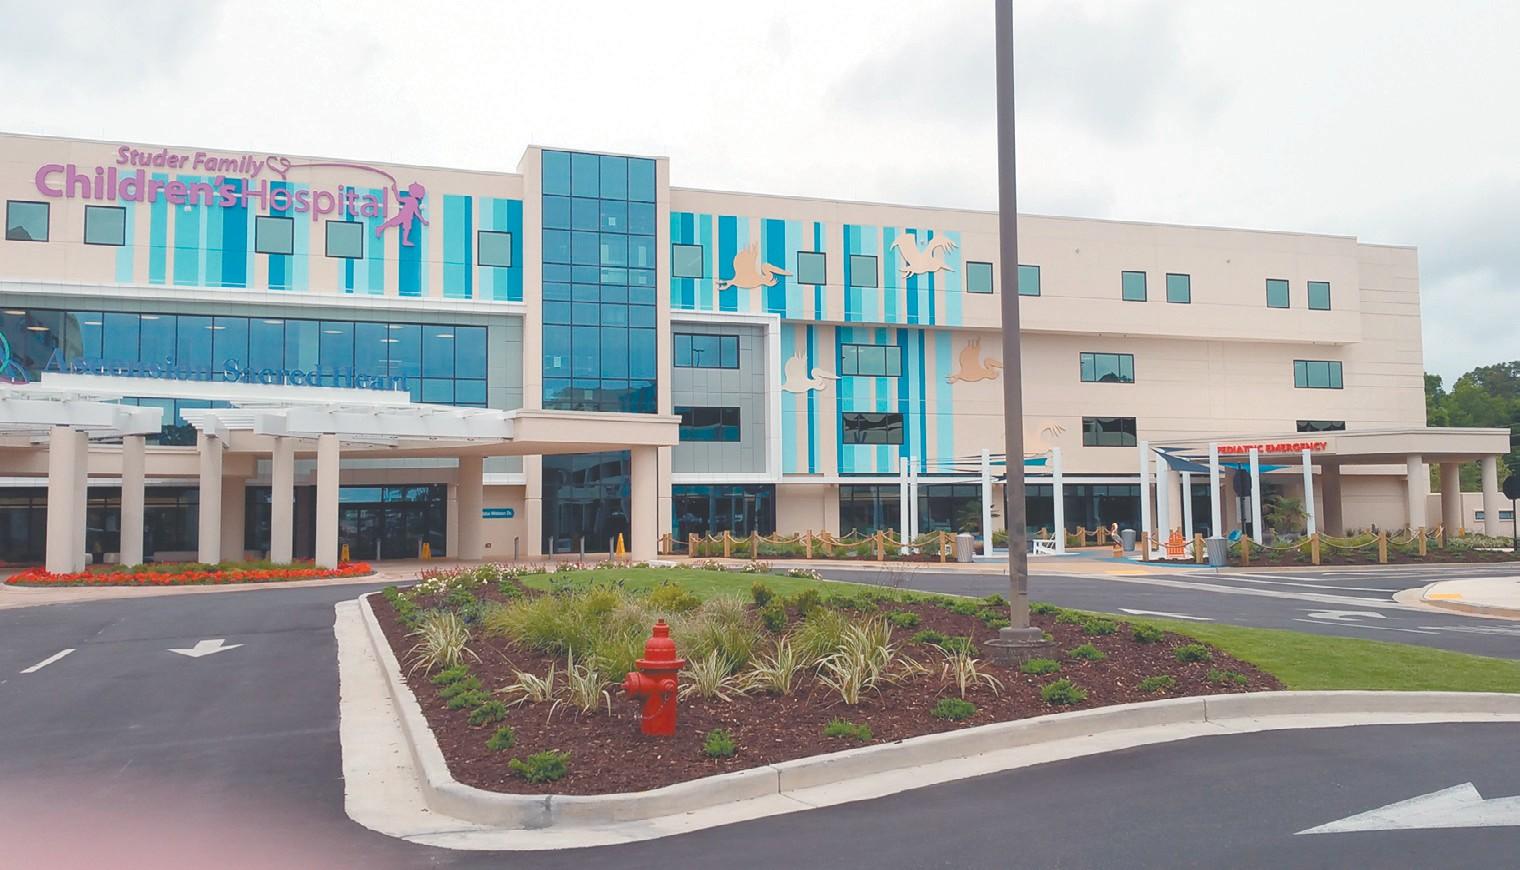 studer family children s hospital